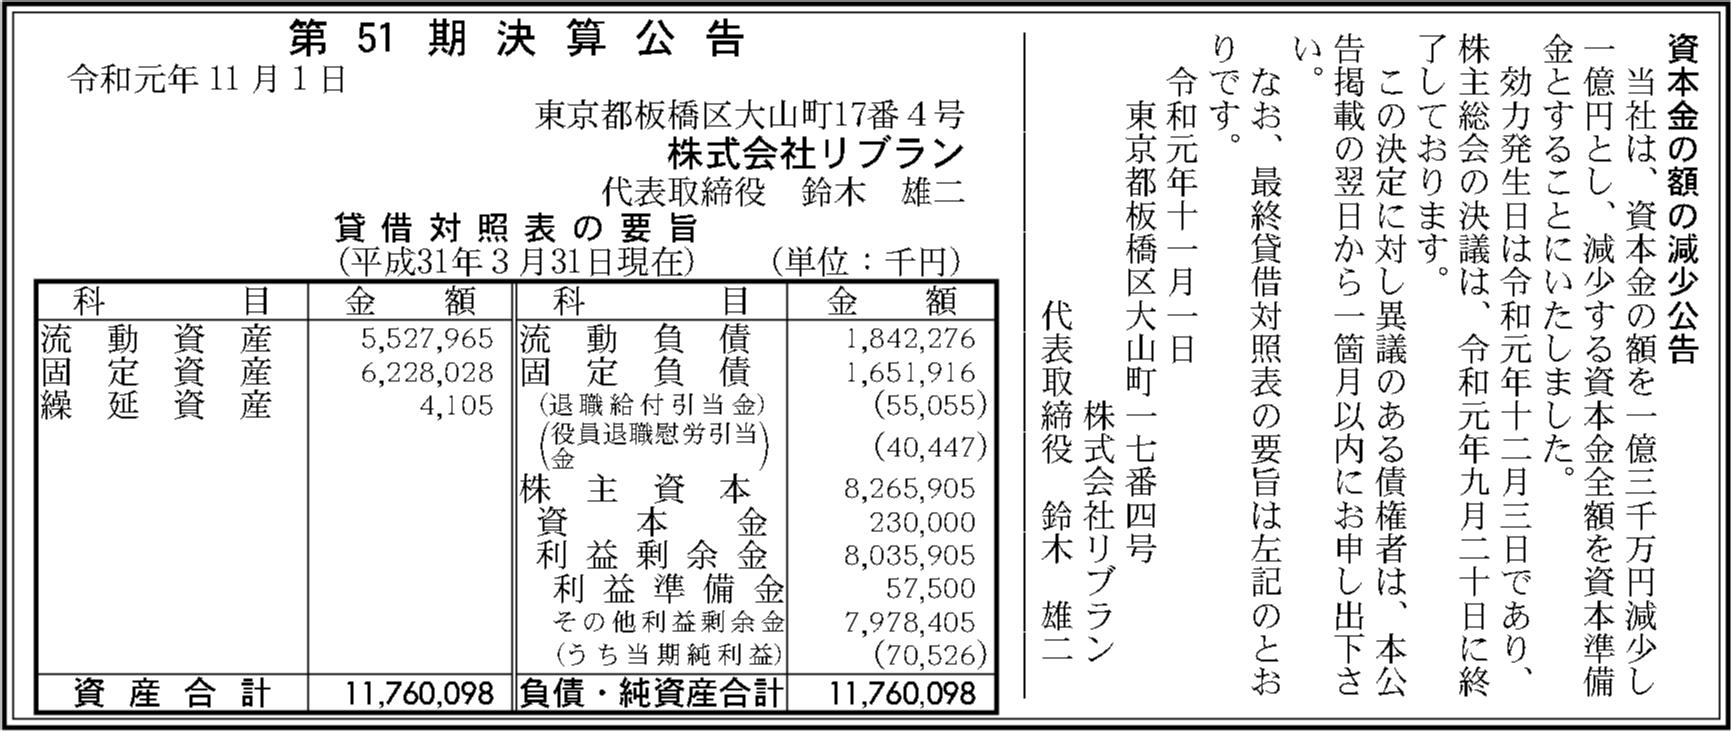 0159 9a39b794176bb99397b3f164a5c70f906dcf1921f198f5660d464f3105a32e71f7e860f1a3cea18d0b59a6d55b7d6e14319fb4f102ee03f61b07bba6273022db 04